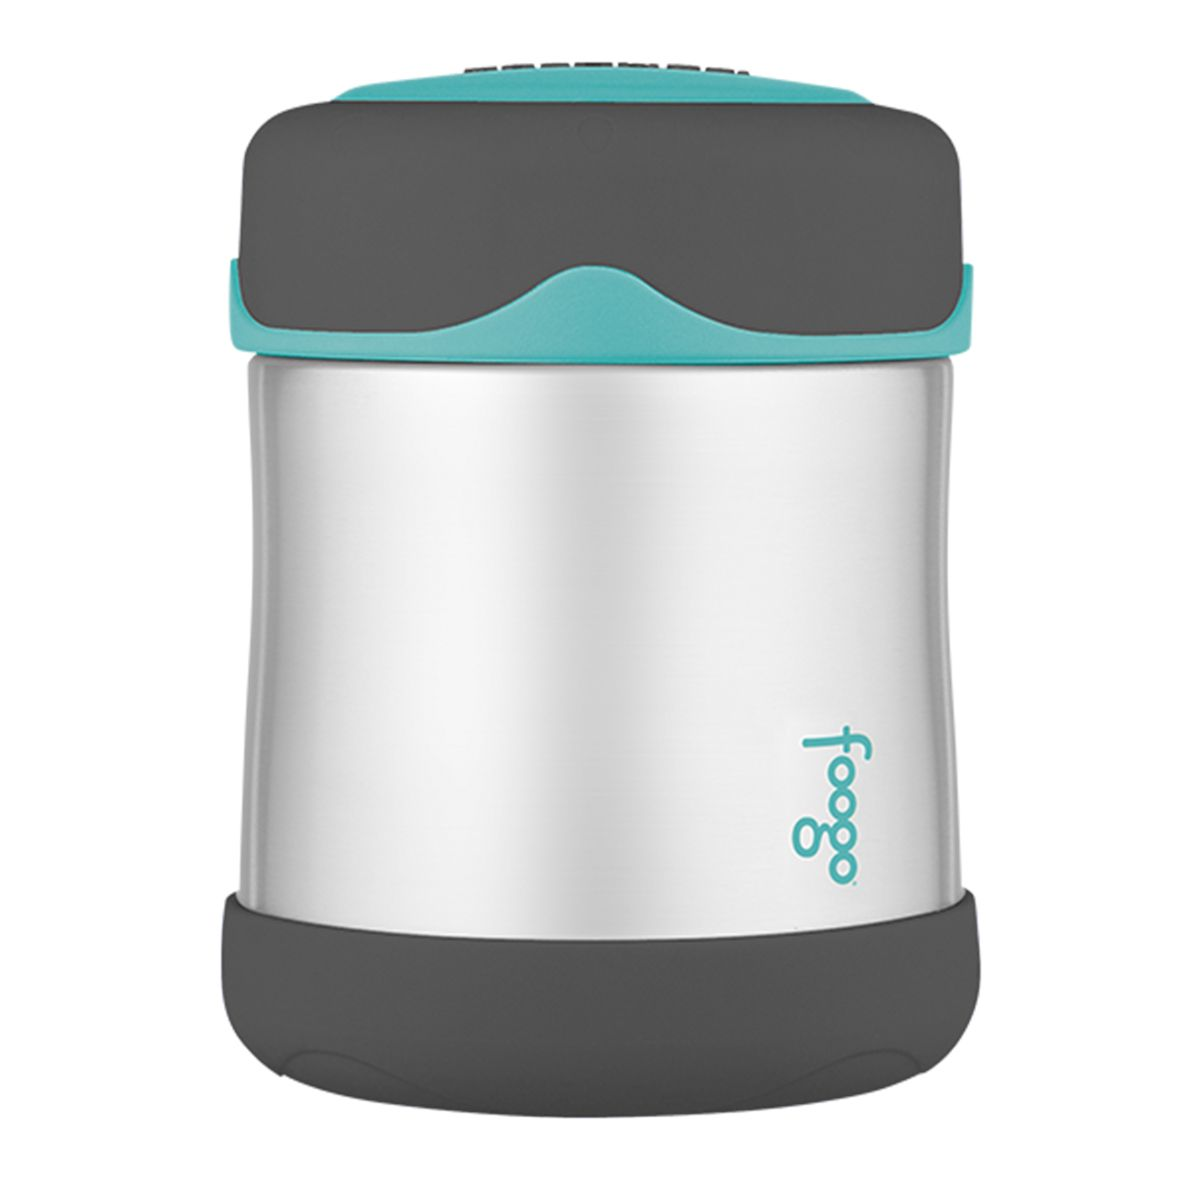 Pote Térmico Foogo 290ml Cinza e Azul - Thermos